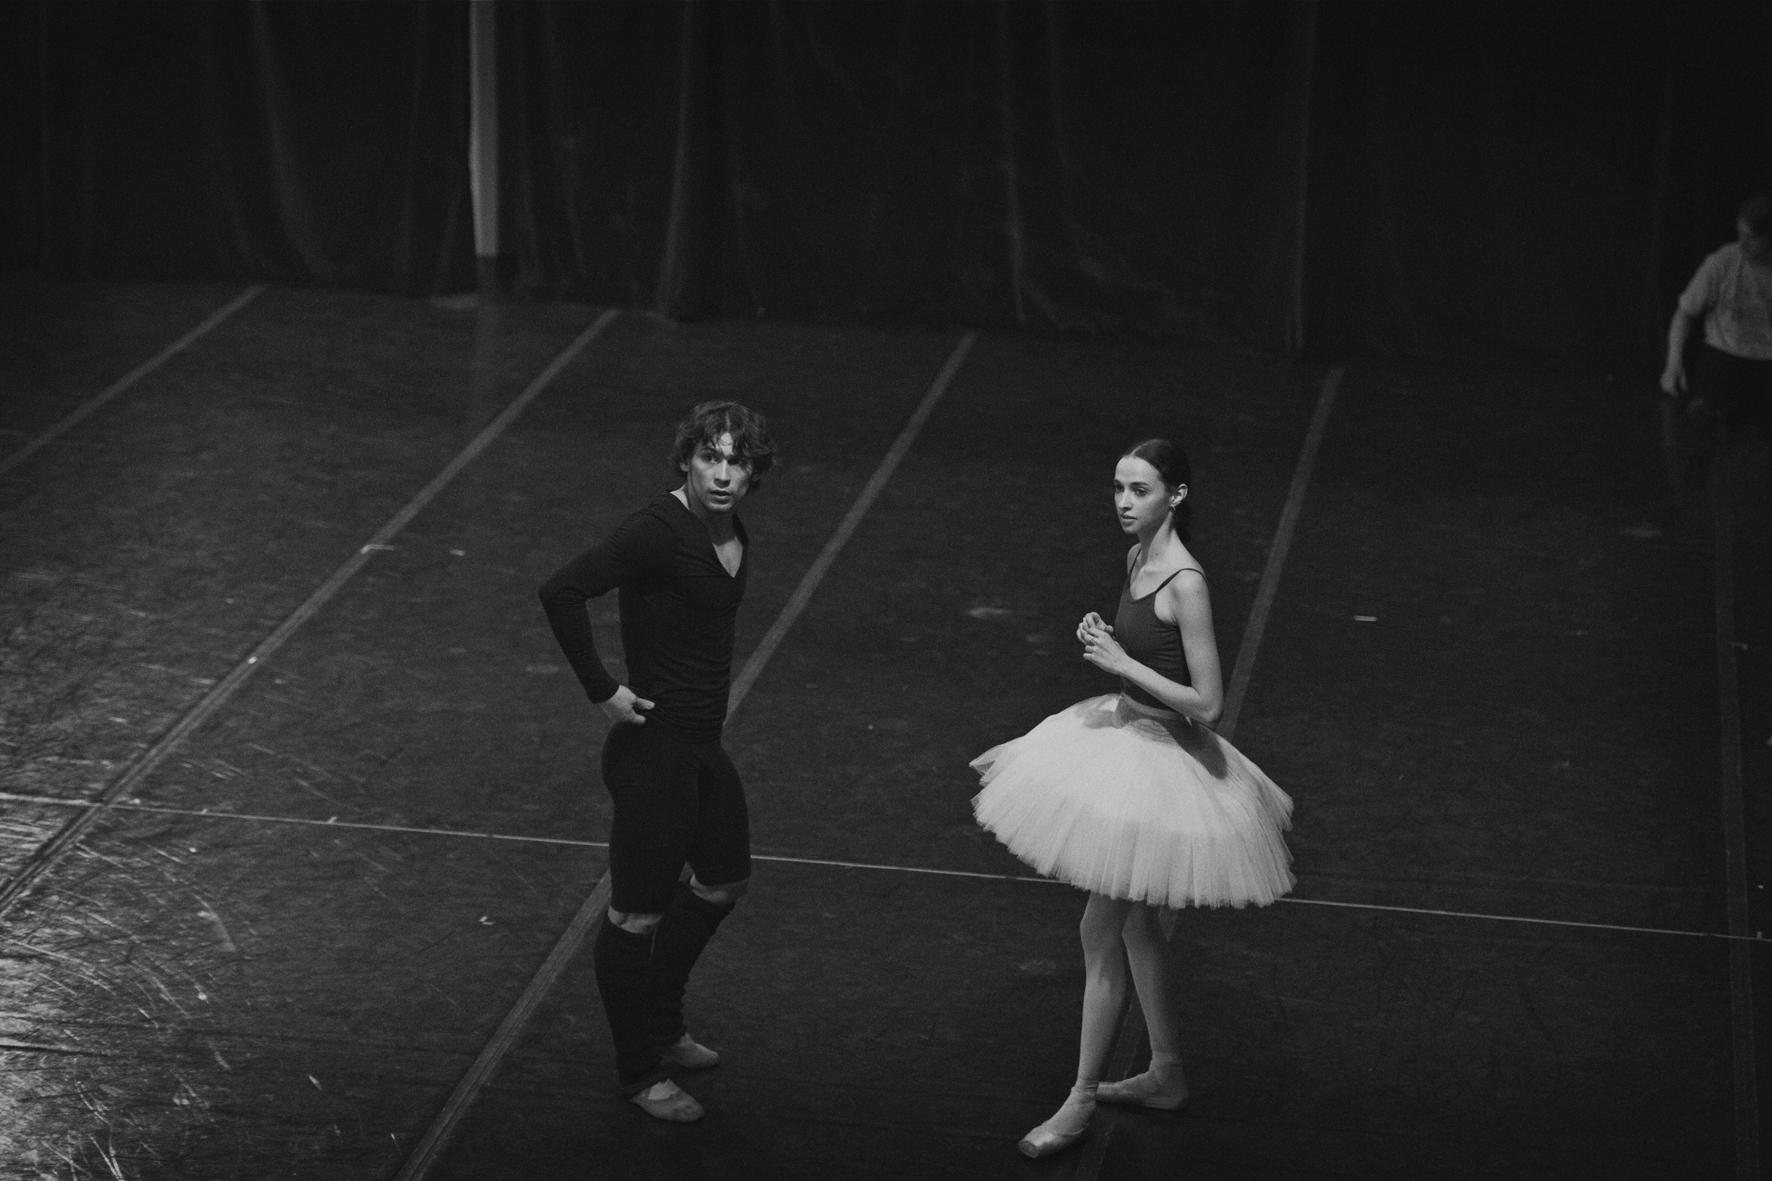 Peter-Lindbergh-Bolchoi-danseur-et-danseuse